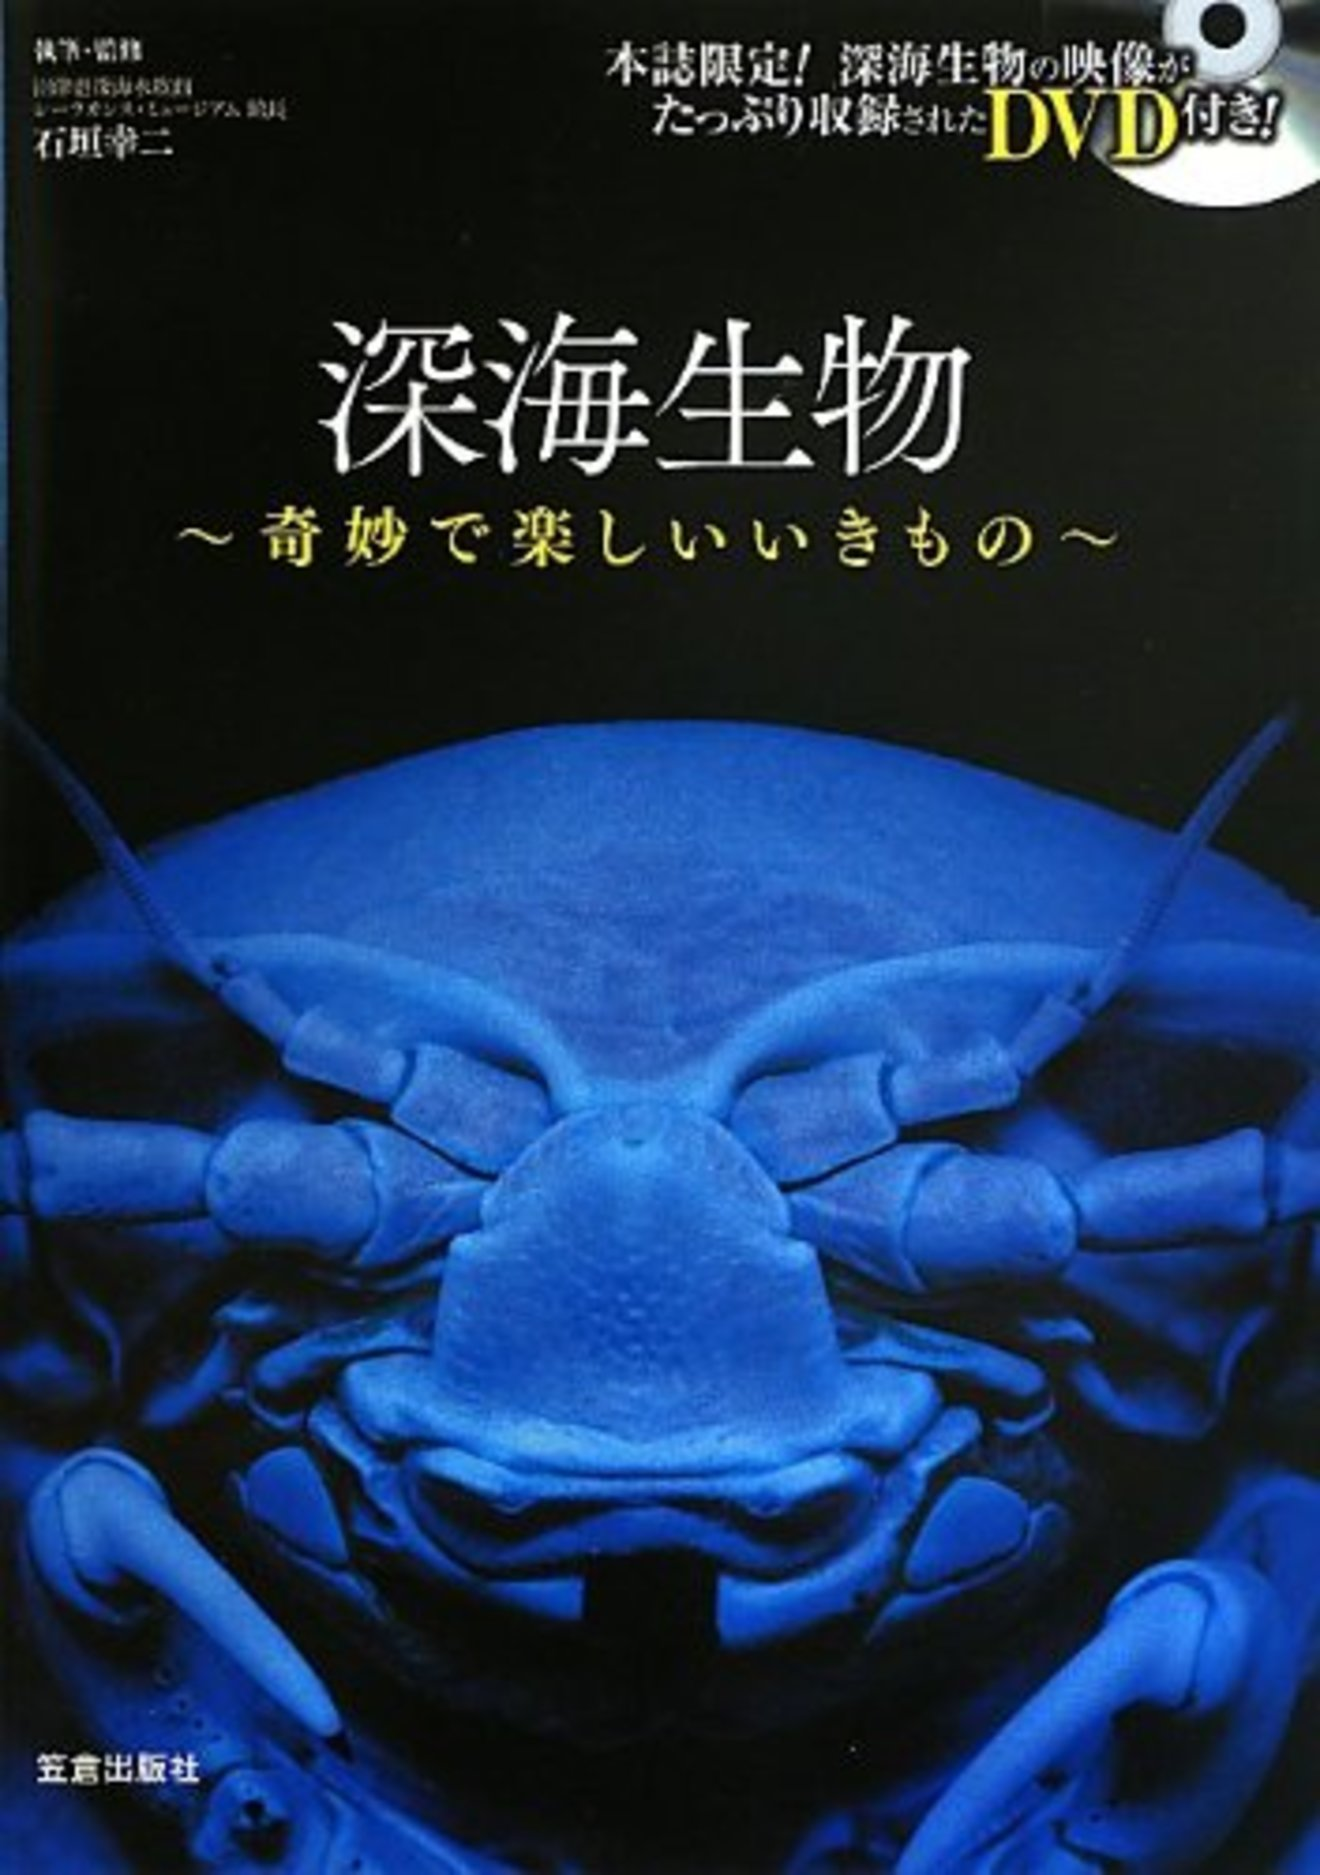 謎だらけのダイオウグソクムシ!絶食、巨大化、臭い、飼育について解説!